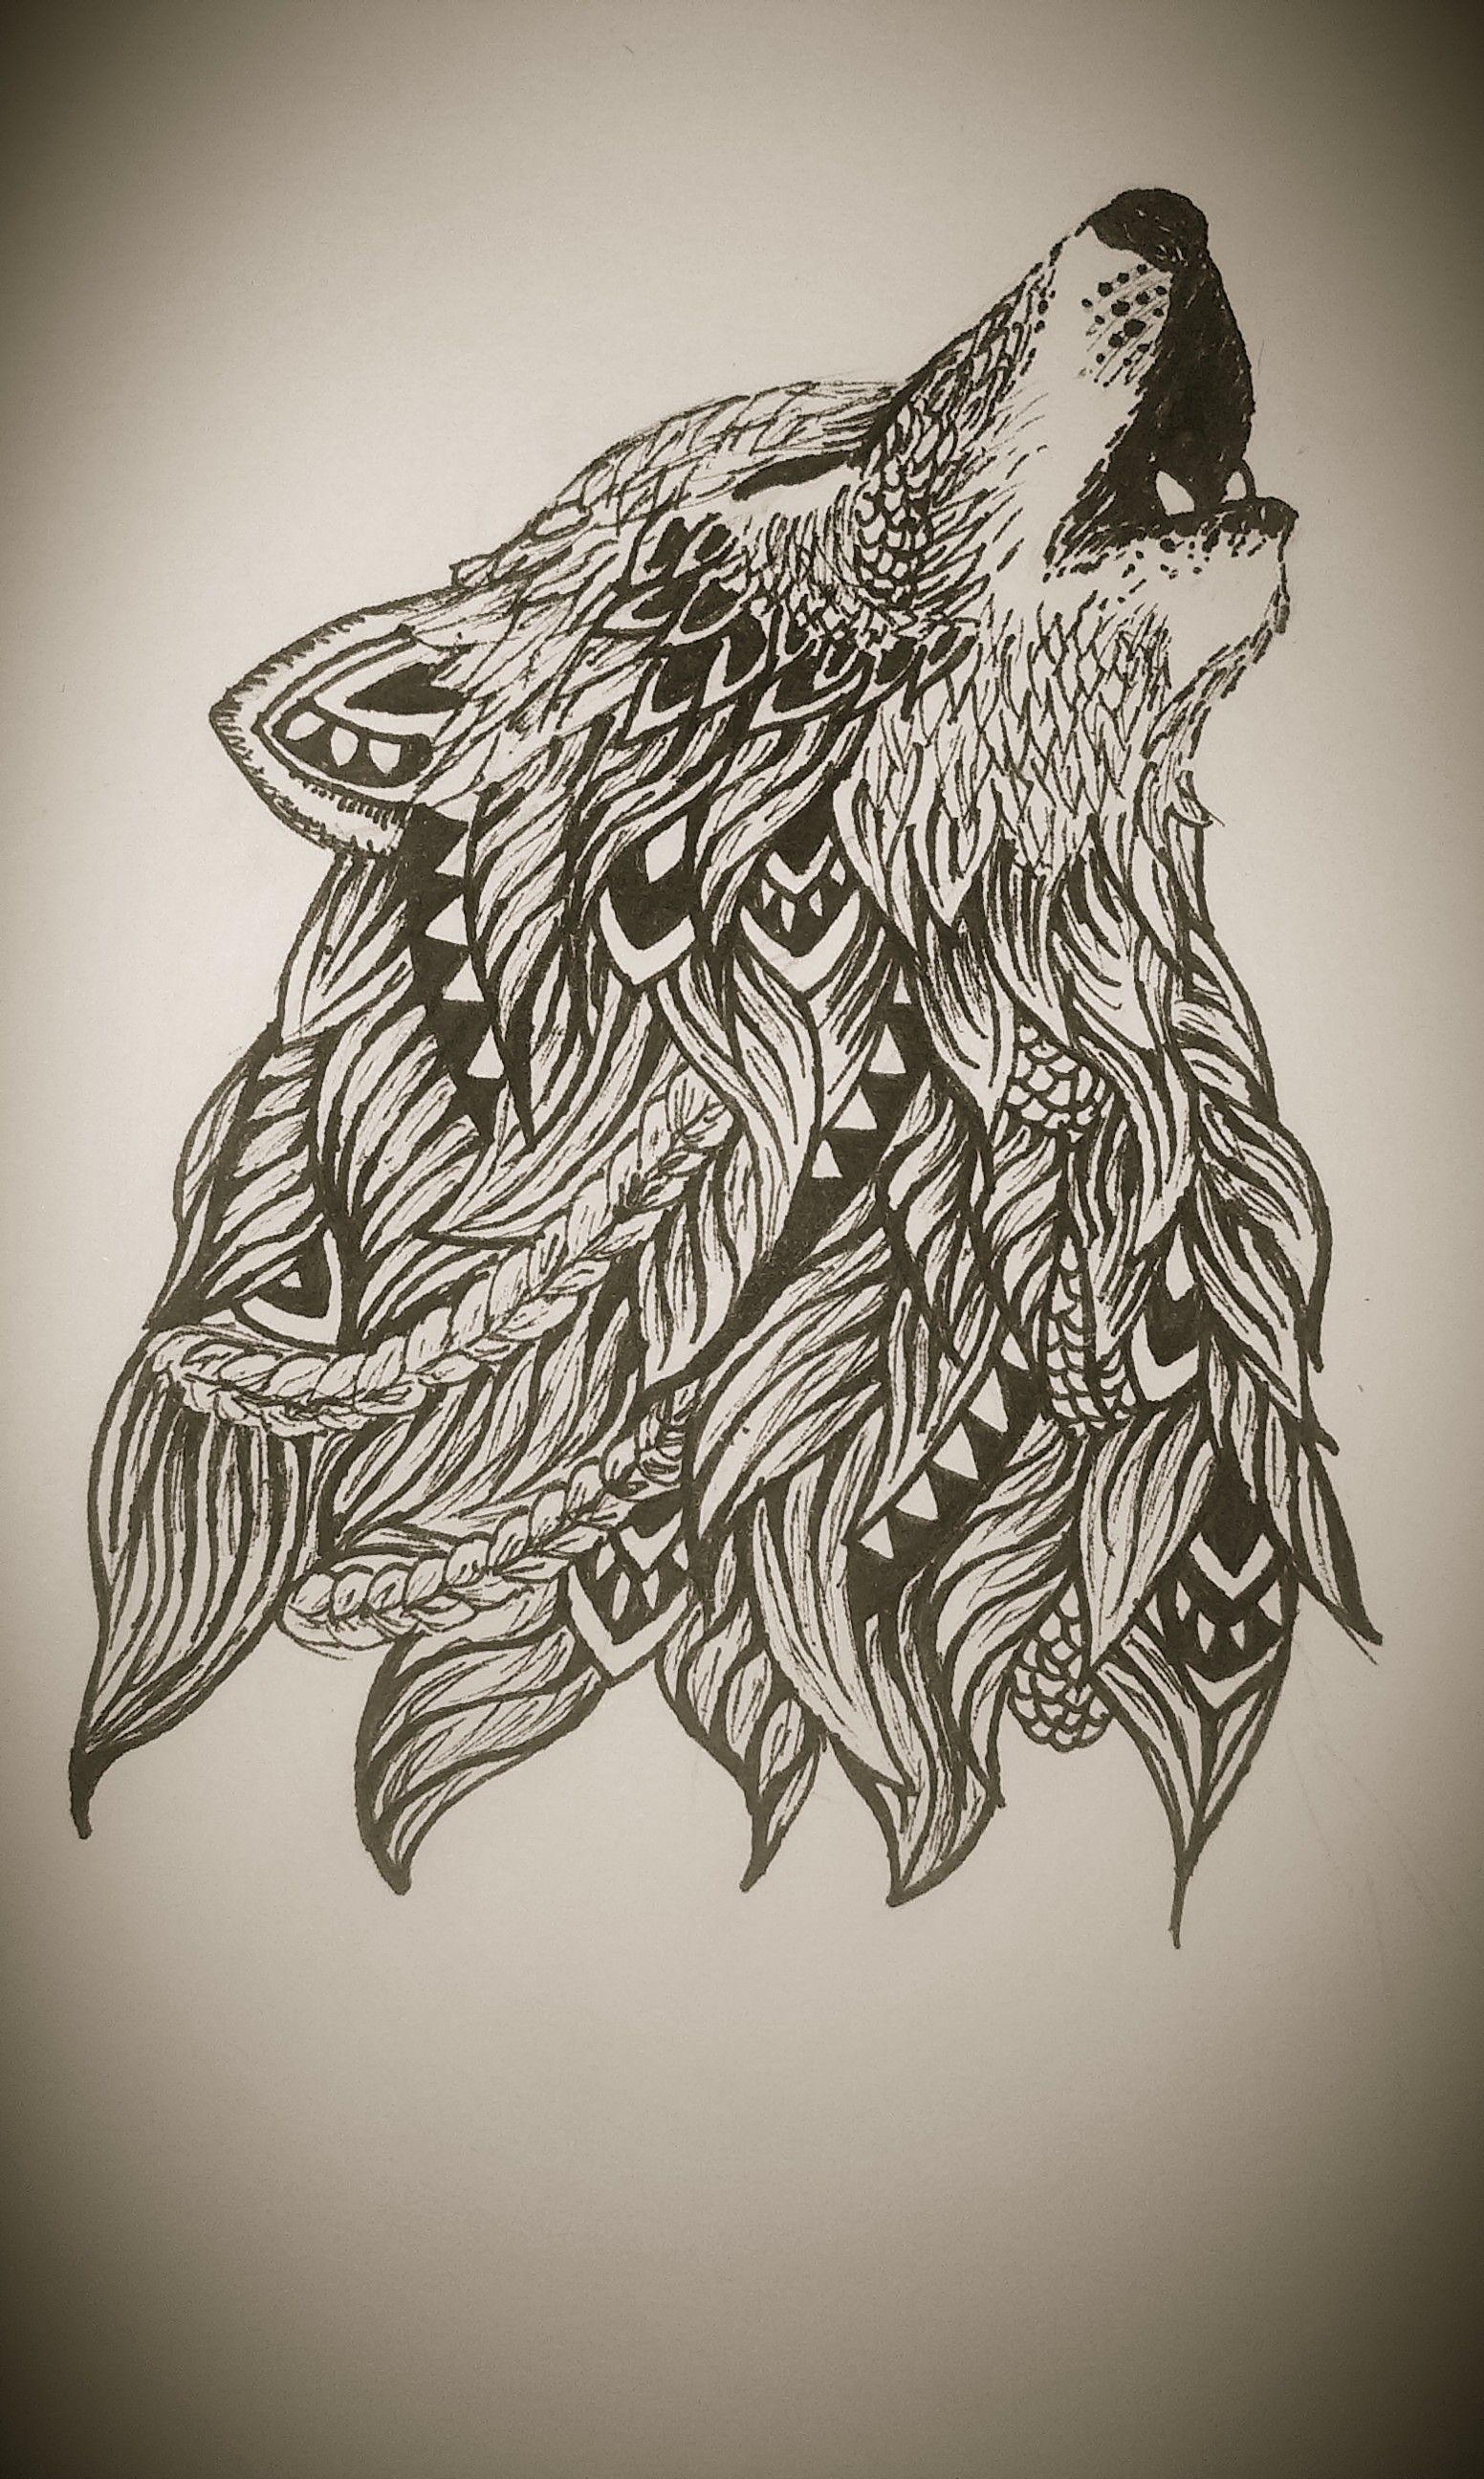 Zentangle Wolf Tattoo Ideas Tatuajes De Lobos Dibujo Lobo